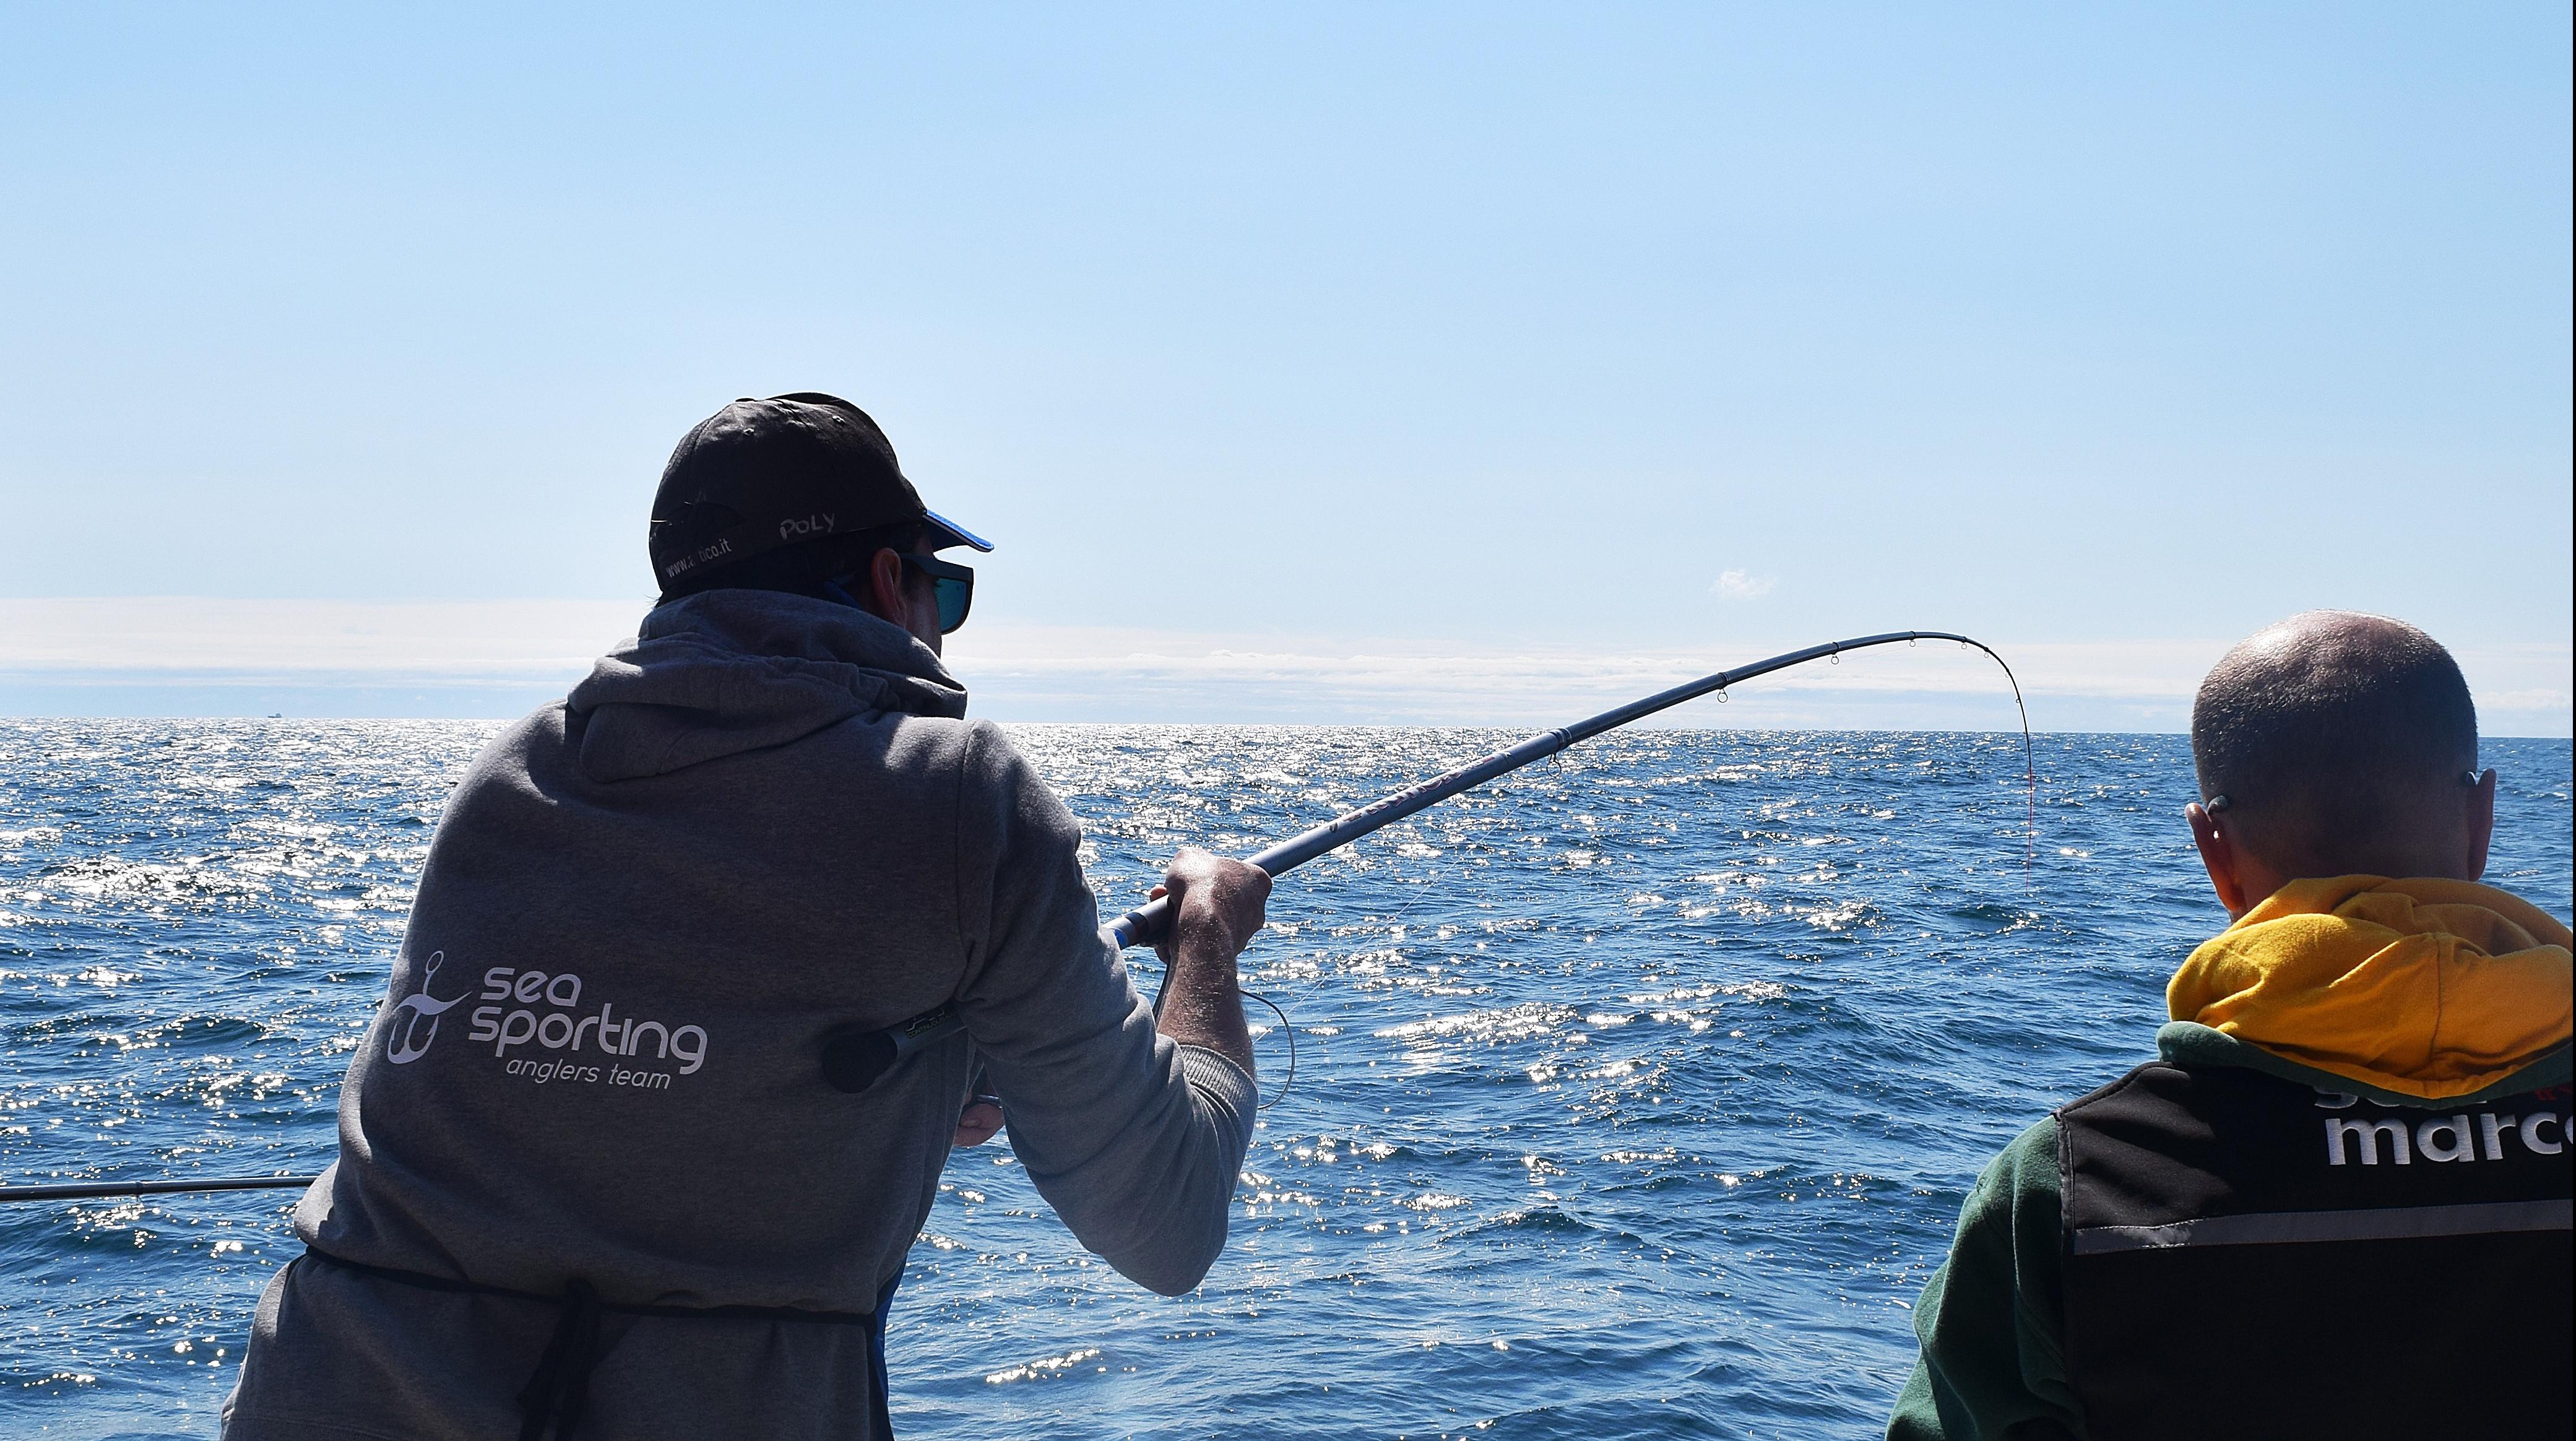 Pesca sportiva in mare